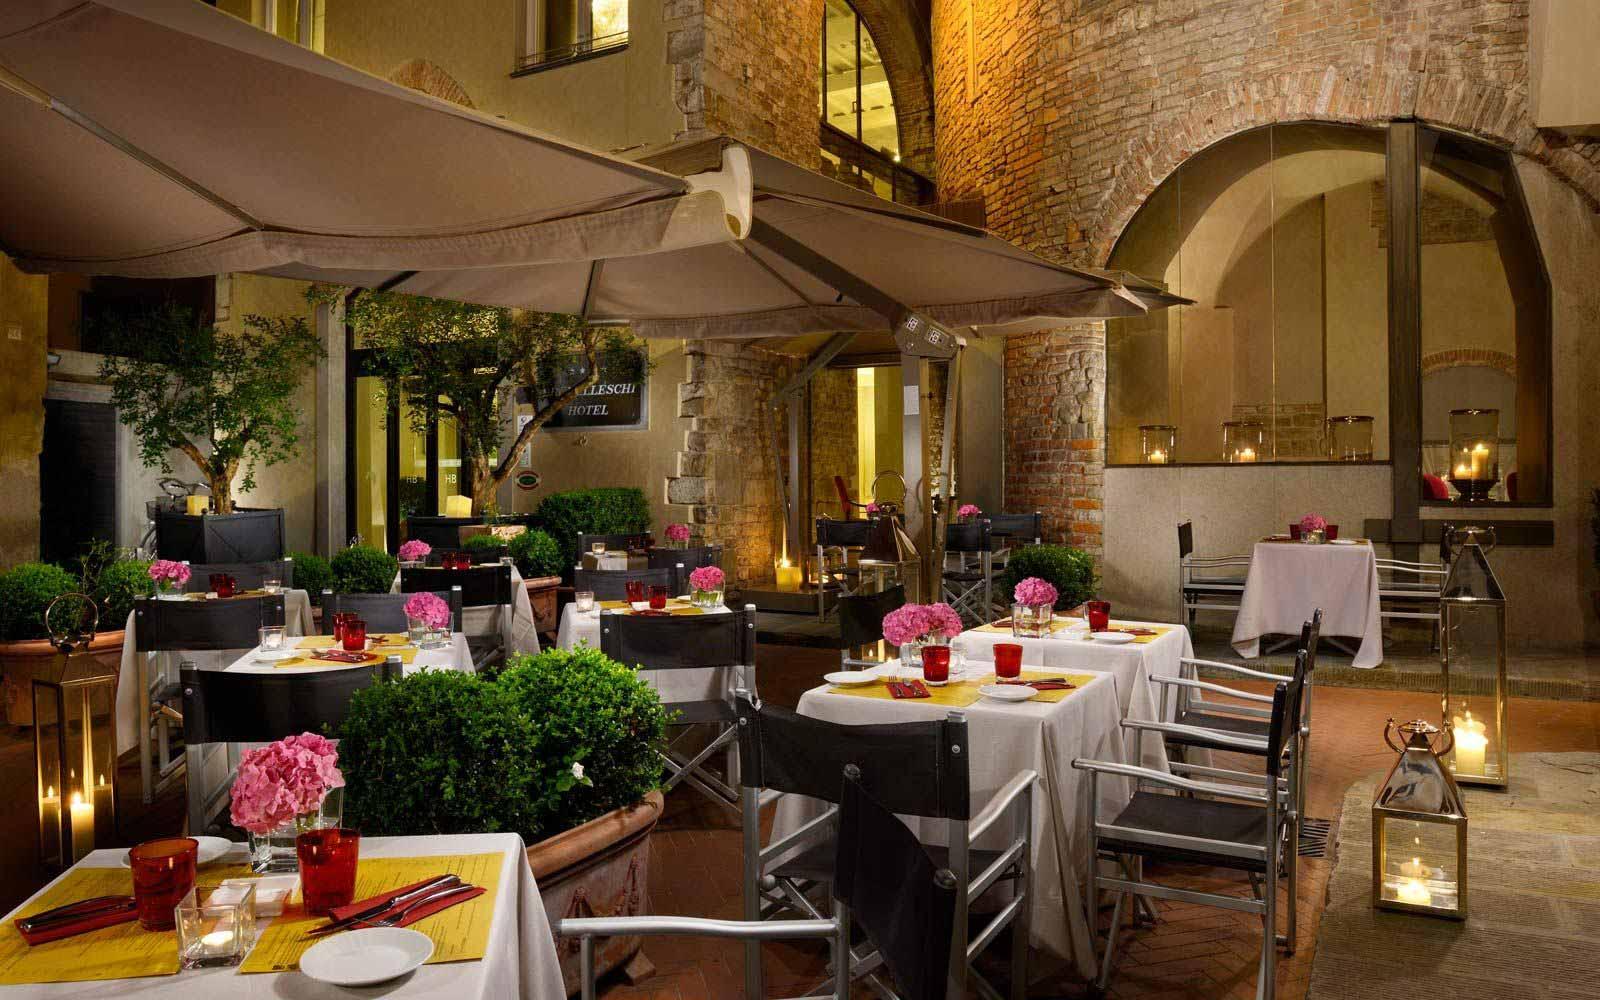 Outdoor area of the Osteria della Pagliazza restaurant at Hotel Brunelleschi